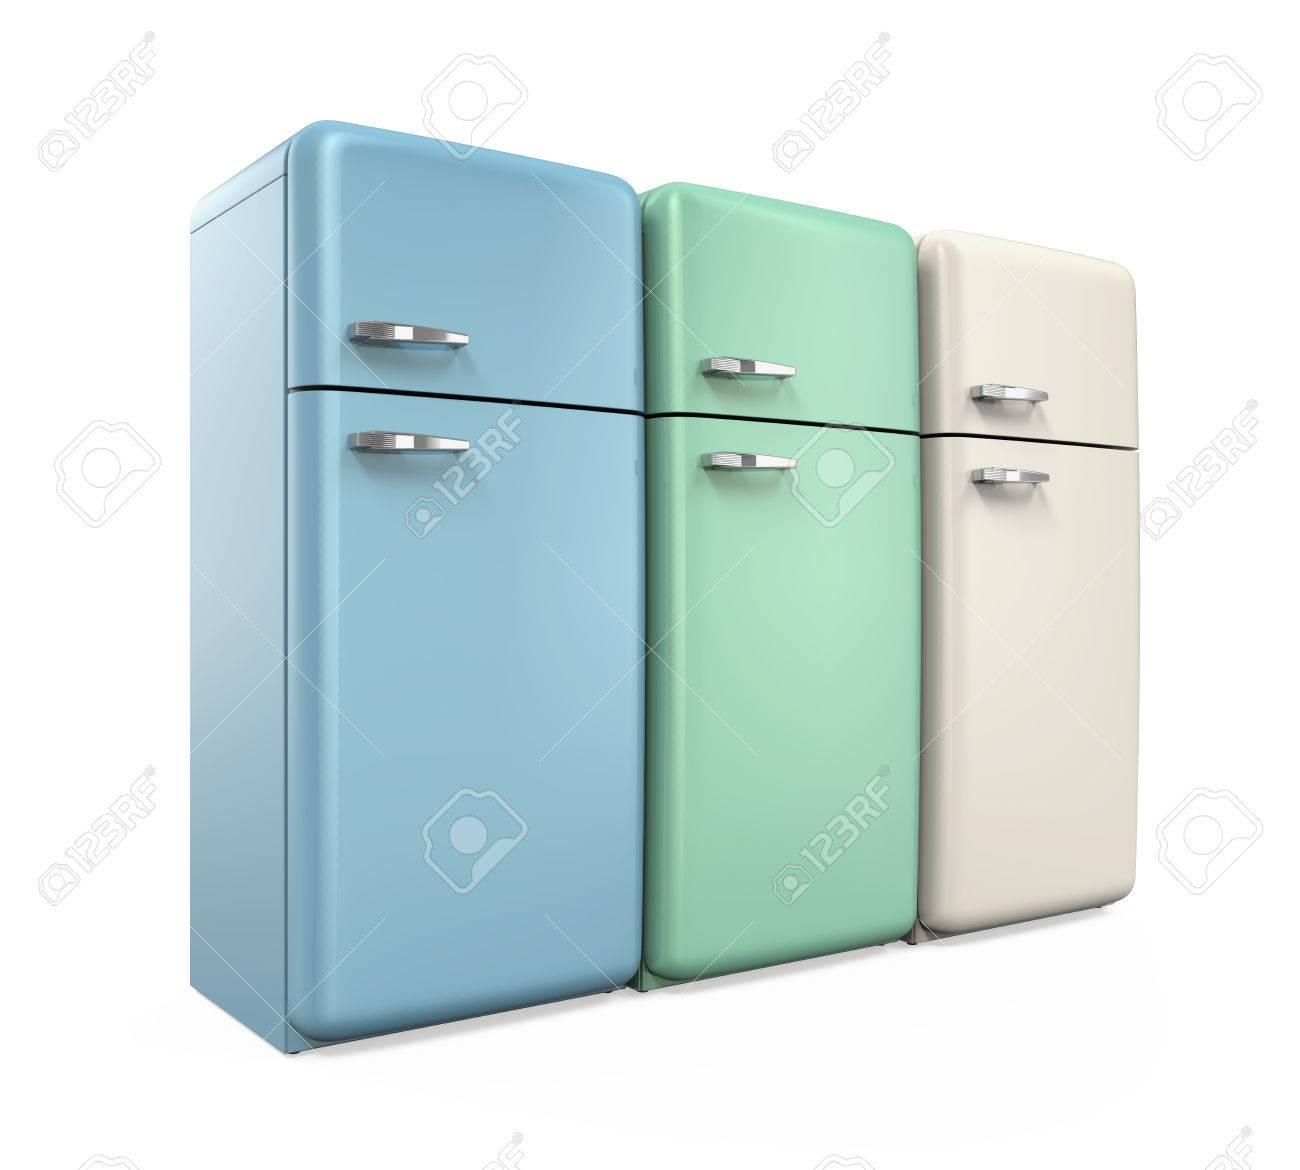 Retrokühlschränke  Retro Kühlschränke Isoliert Lizenzfreie Fotos, Bilder Und Stock ...